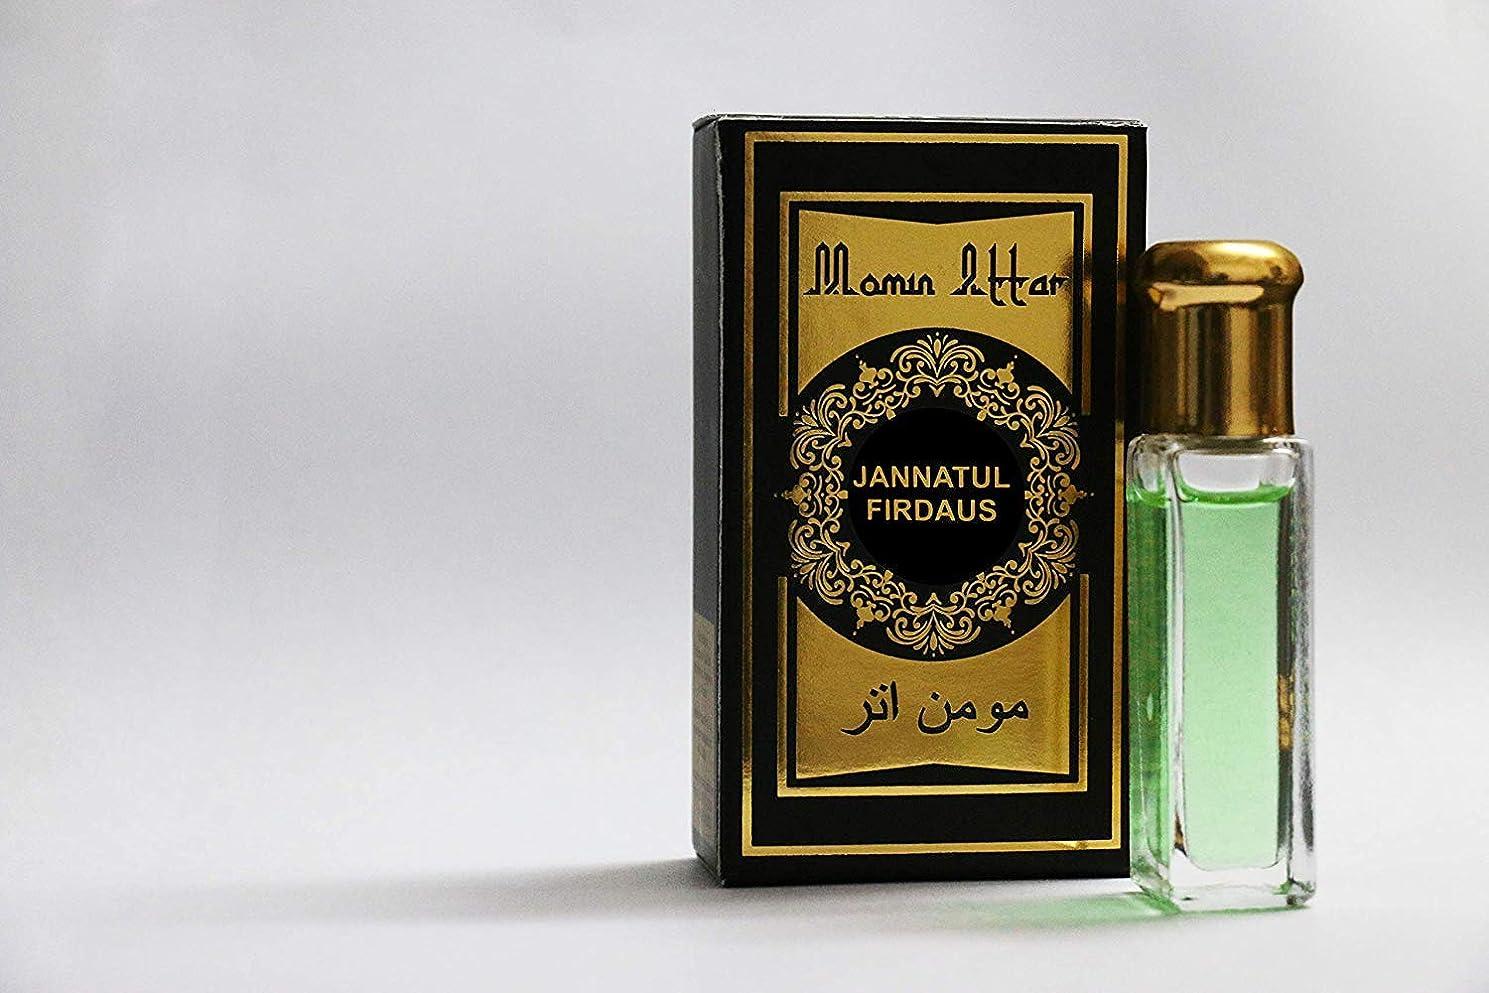 インカ帝国マリン作物LONG ON天然有機MOMINアターITTAR/ITTR「JANNAT ULフィルダウスアターITTAR」8MLロール持続する高品質 アターITRA最高品質の香水はアターを持続長いスプレー